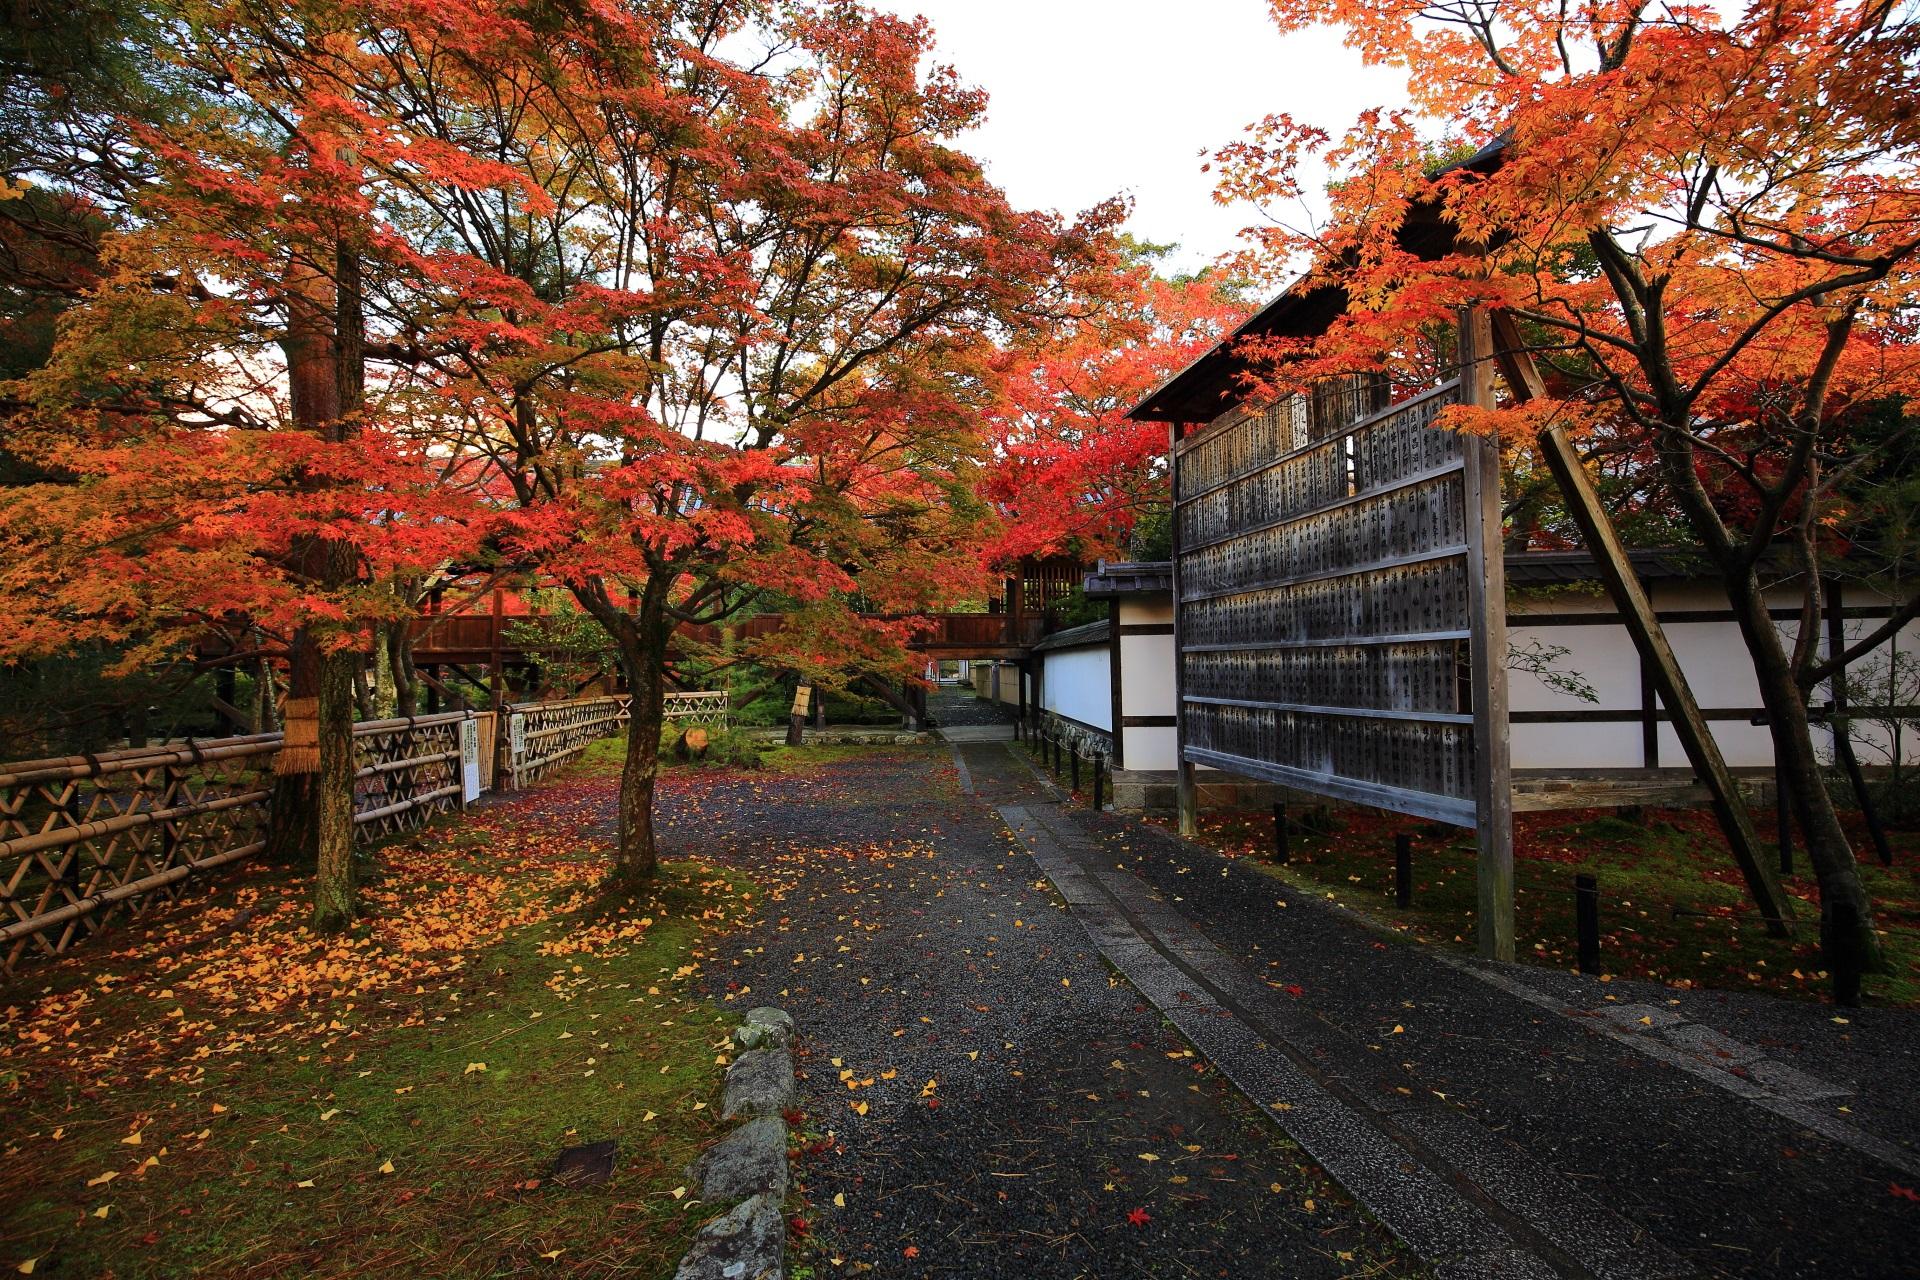 本堂東側参道の名前の書かれた札の掛けられた木の板の紅葉